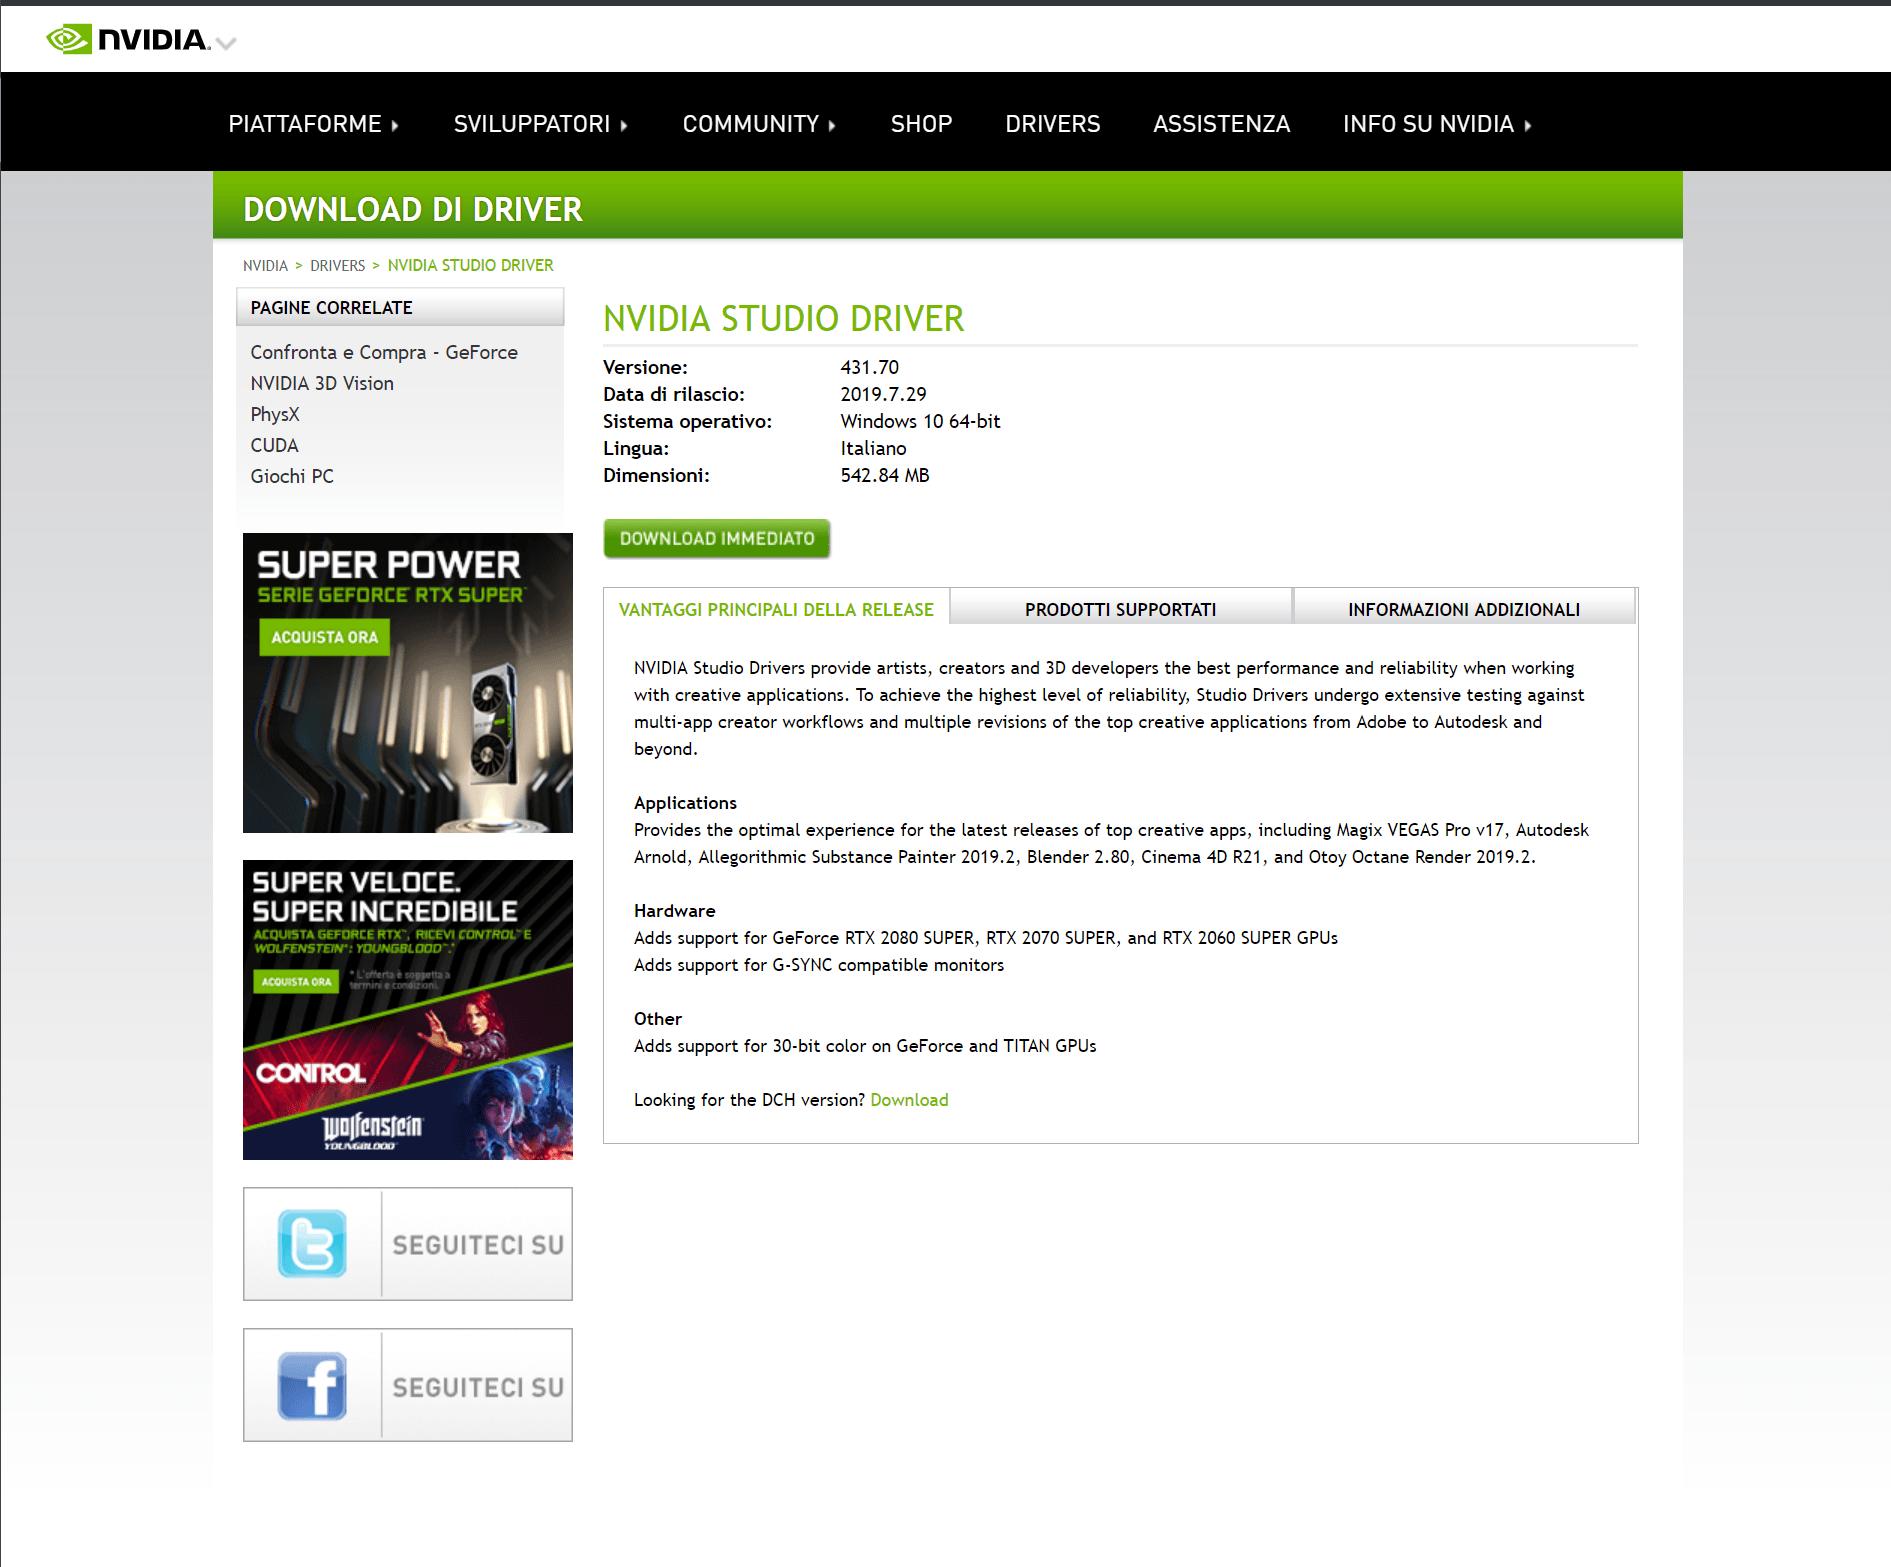 Pagina di download dei driver - Tratto dal sito web nvidia.com